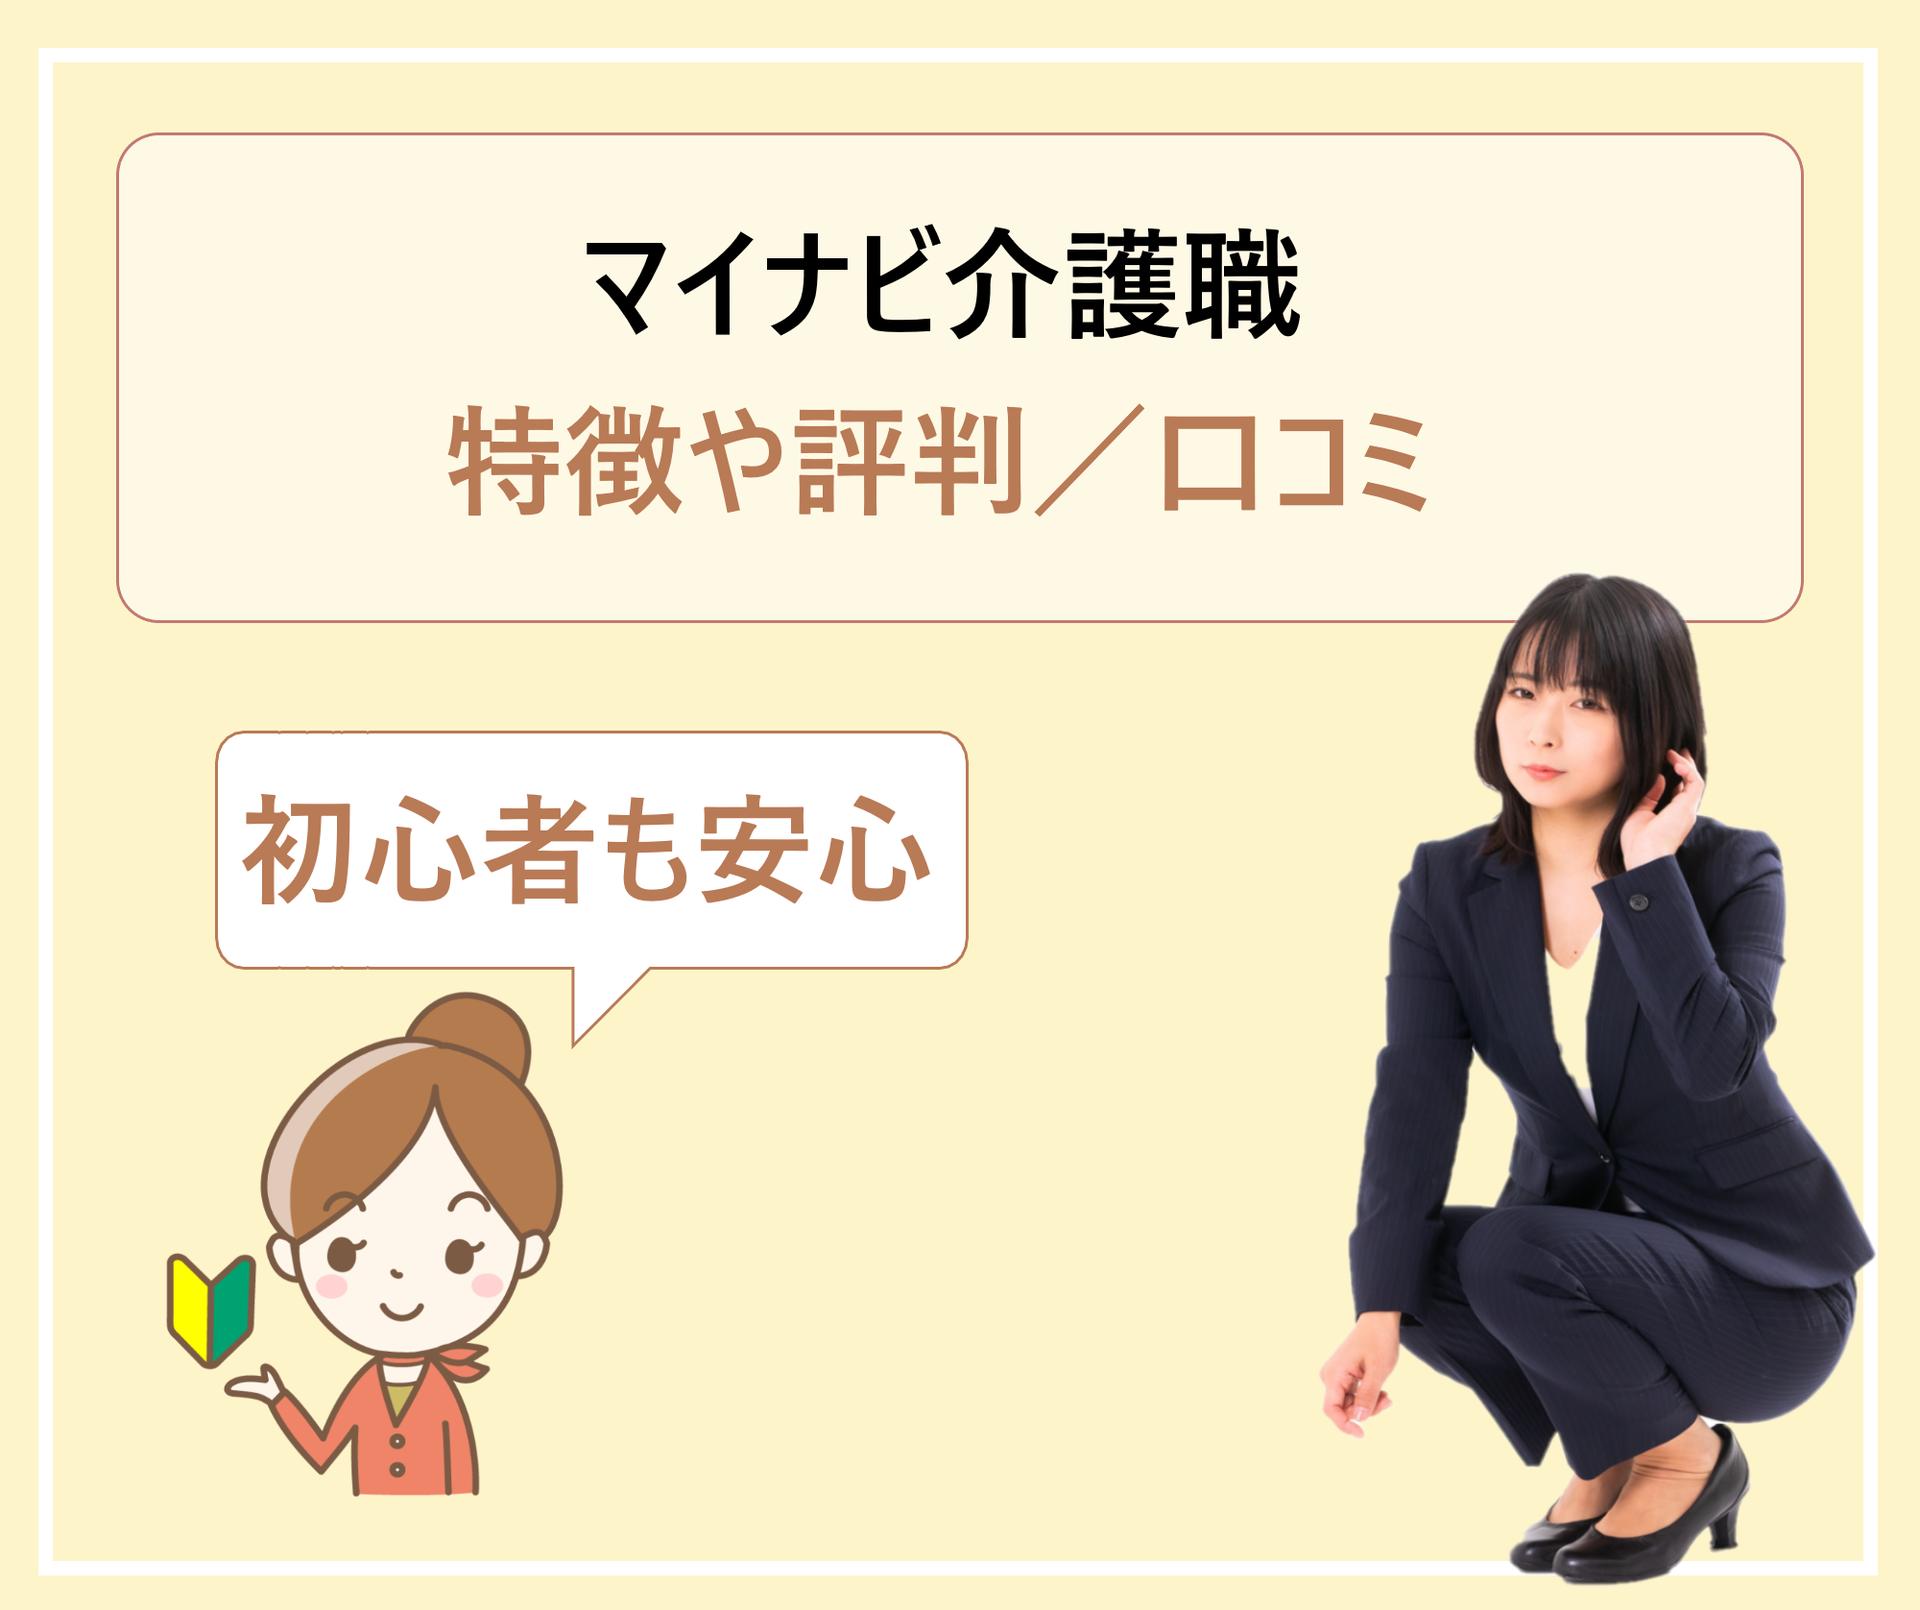 評判 アウトソーシング テクノロジー